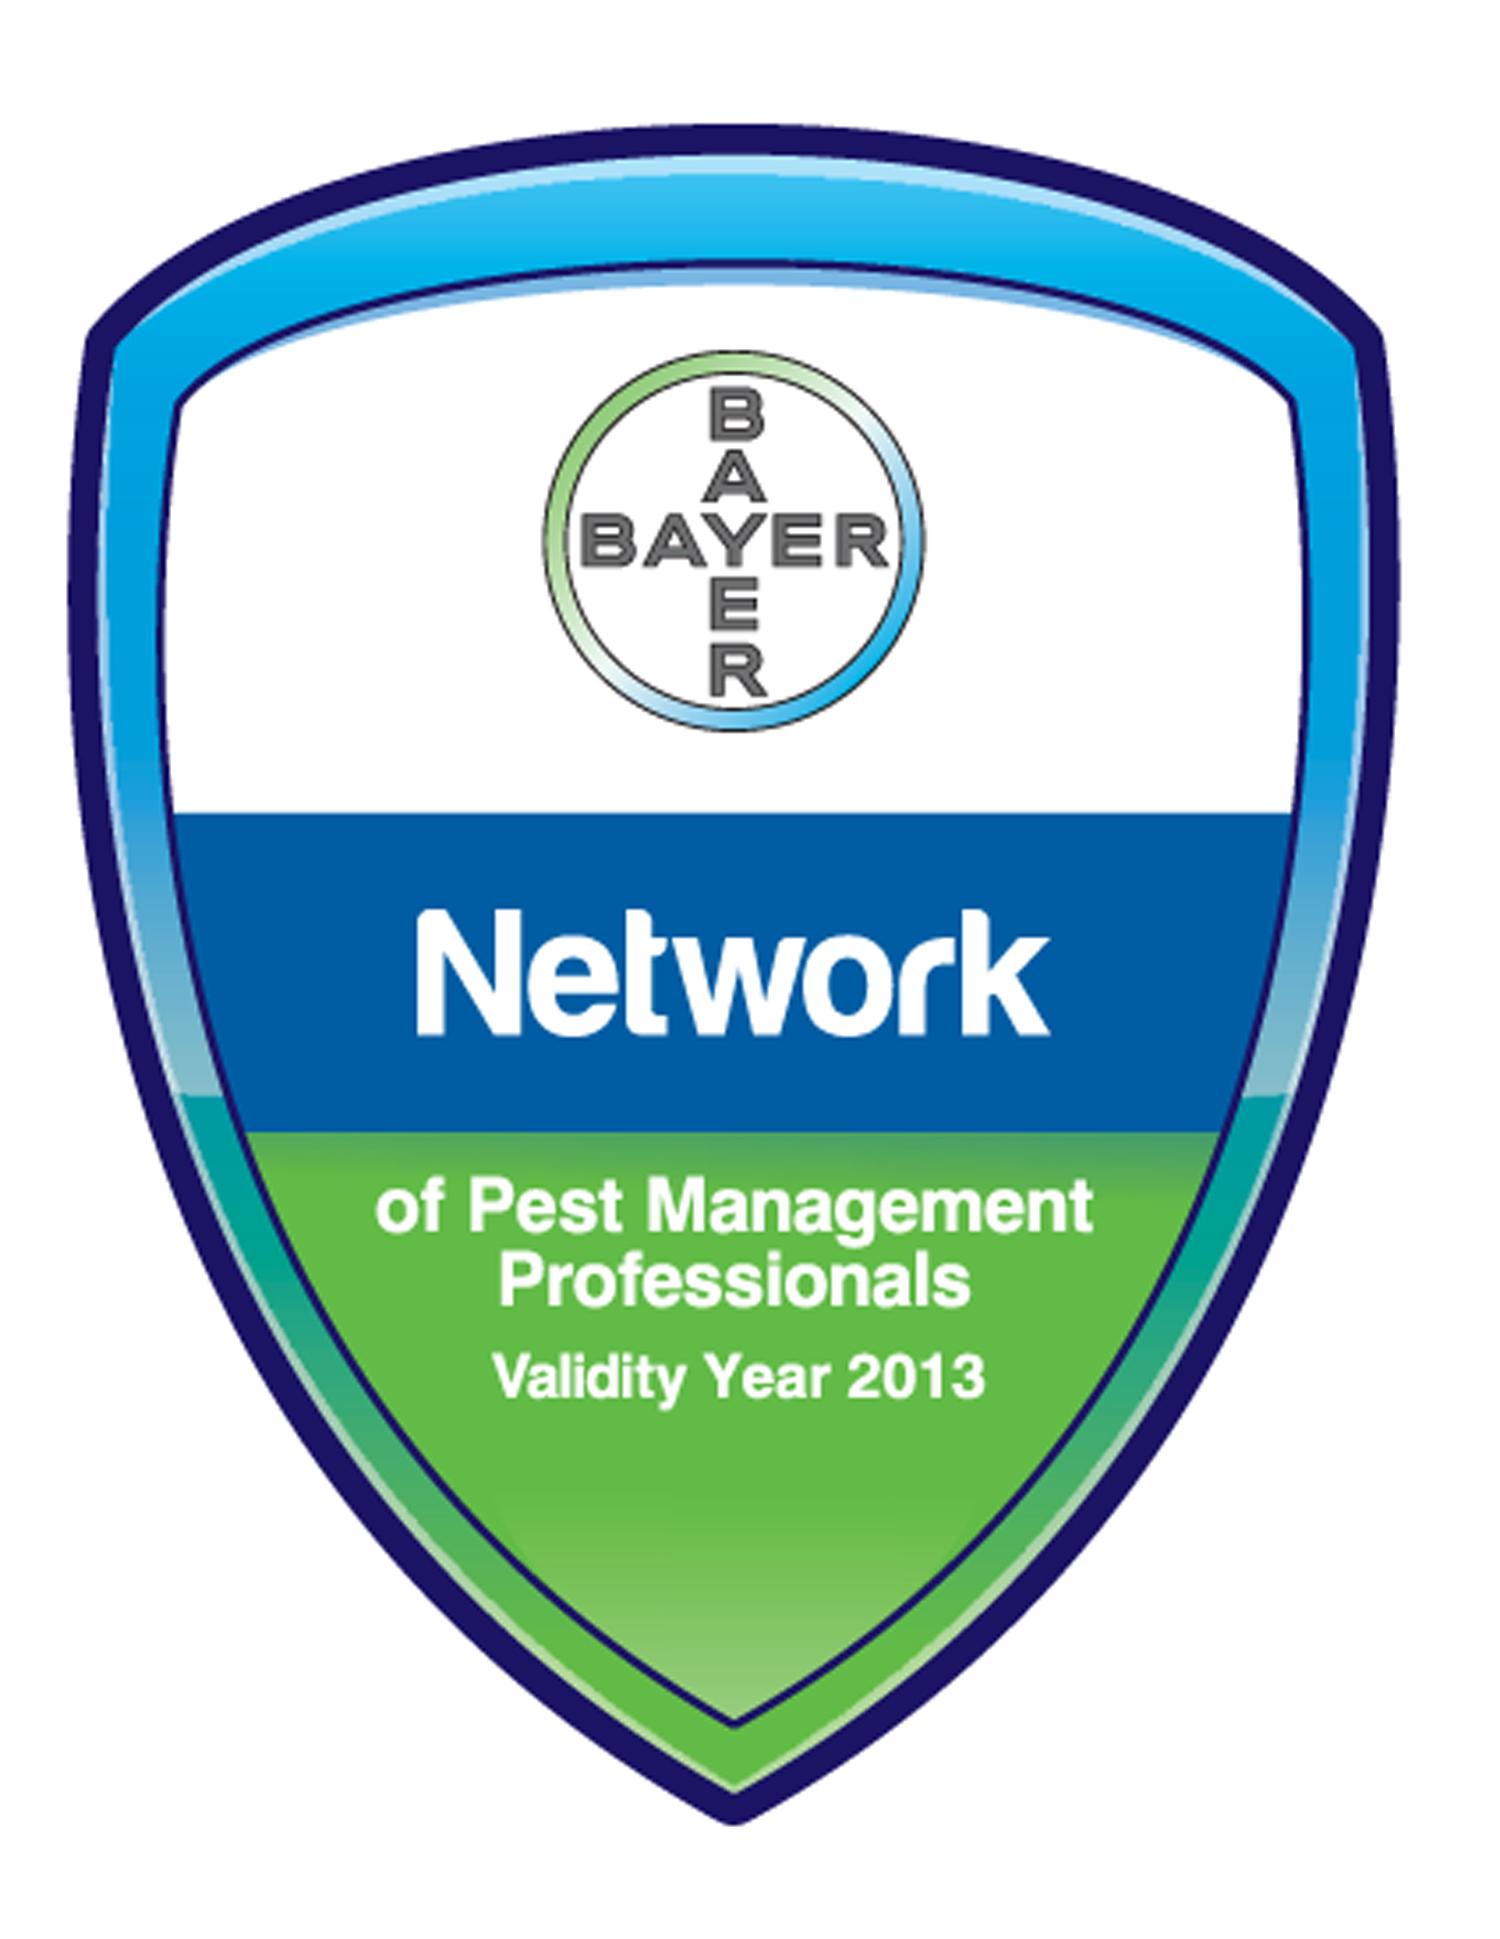 D-Line Pest Control Services